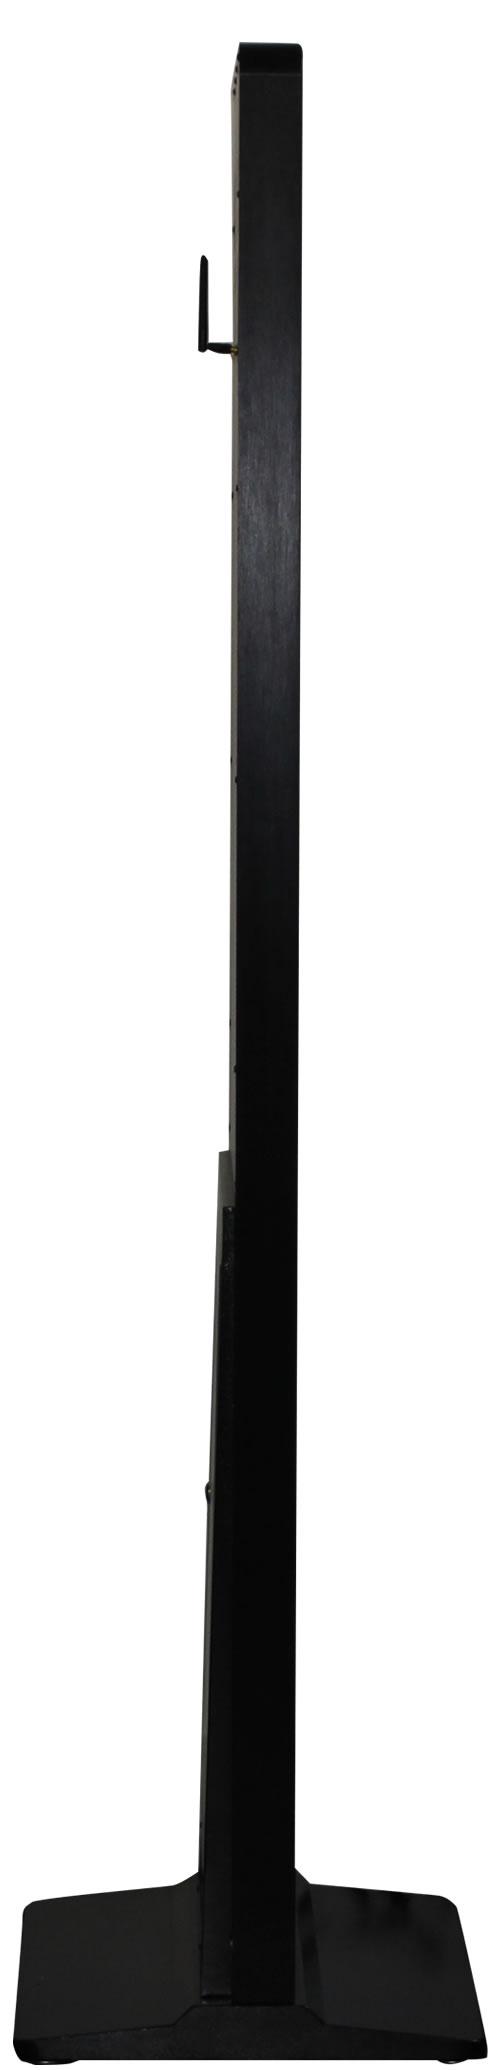 Totem 32 pouces tactile vertical sublimity petit prix for Borne tactile exterieur